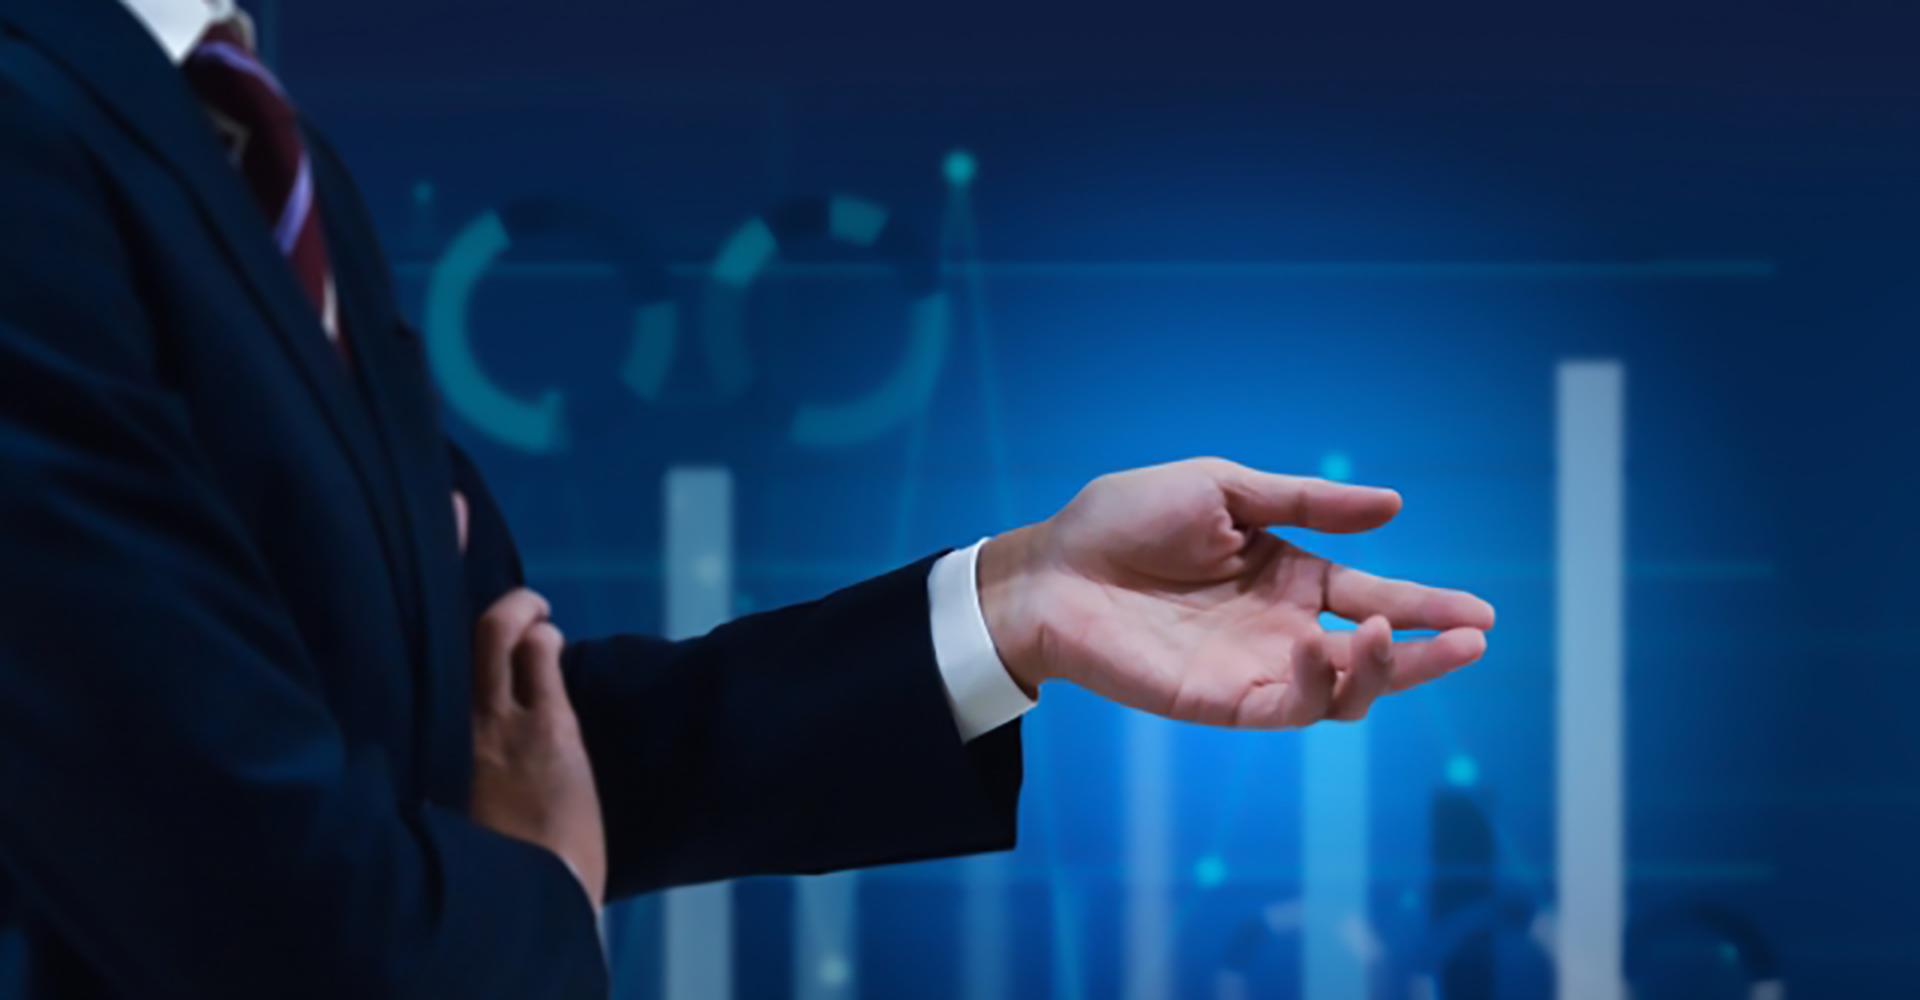 DX実践に必要なマネジメント改革を学ぶ